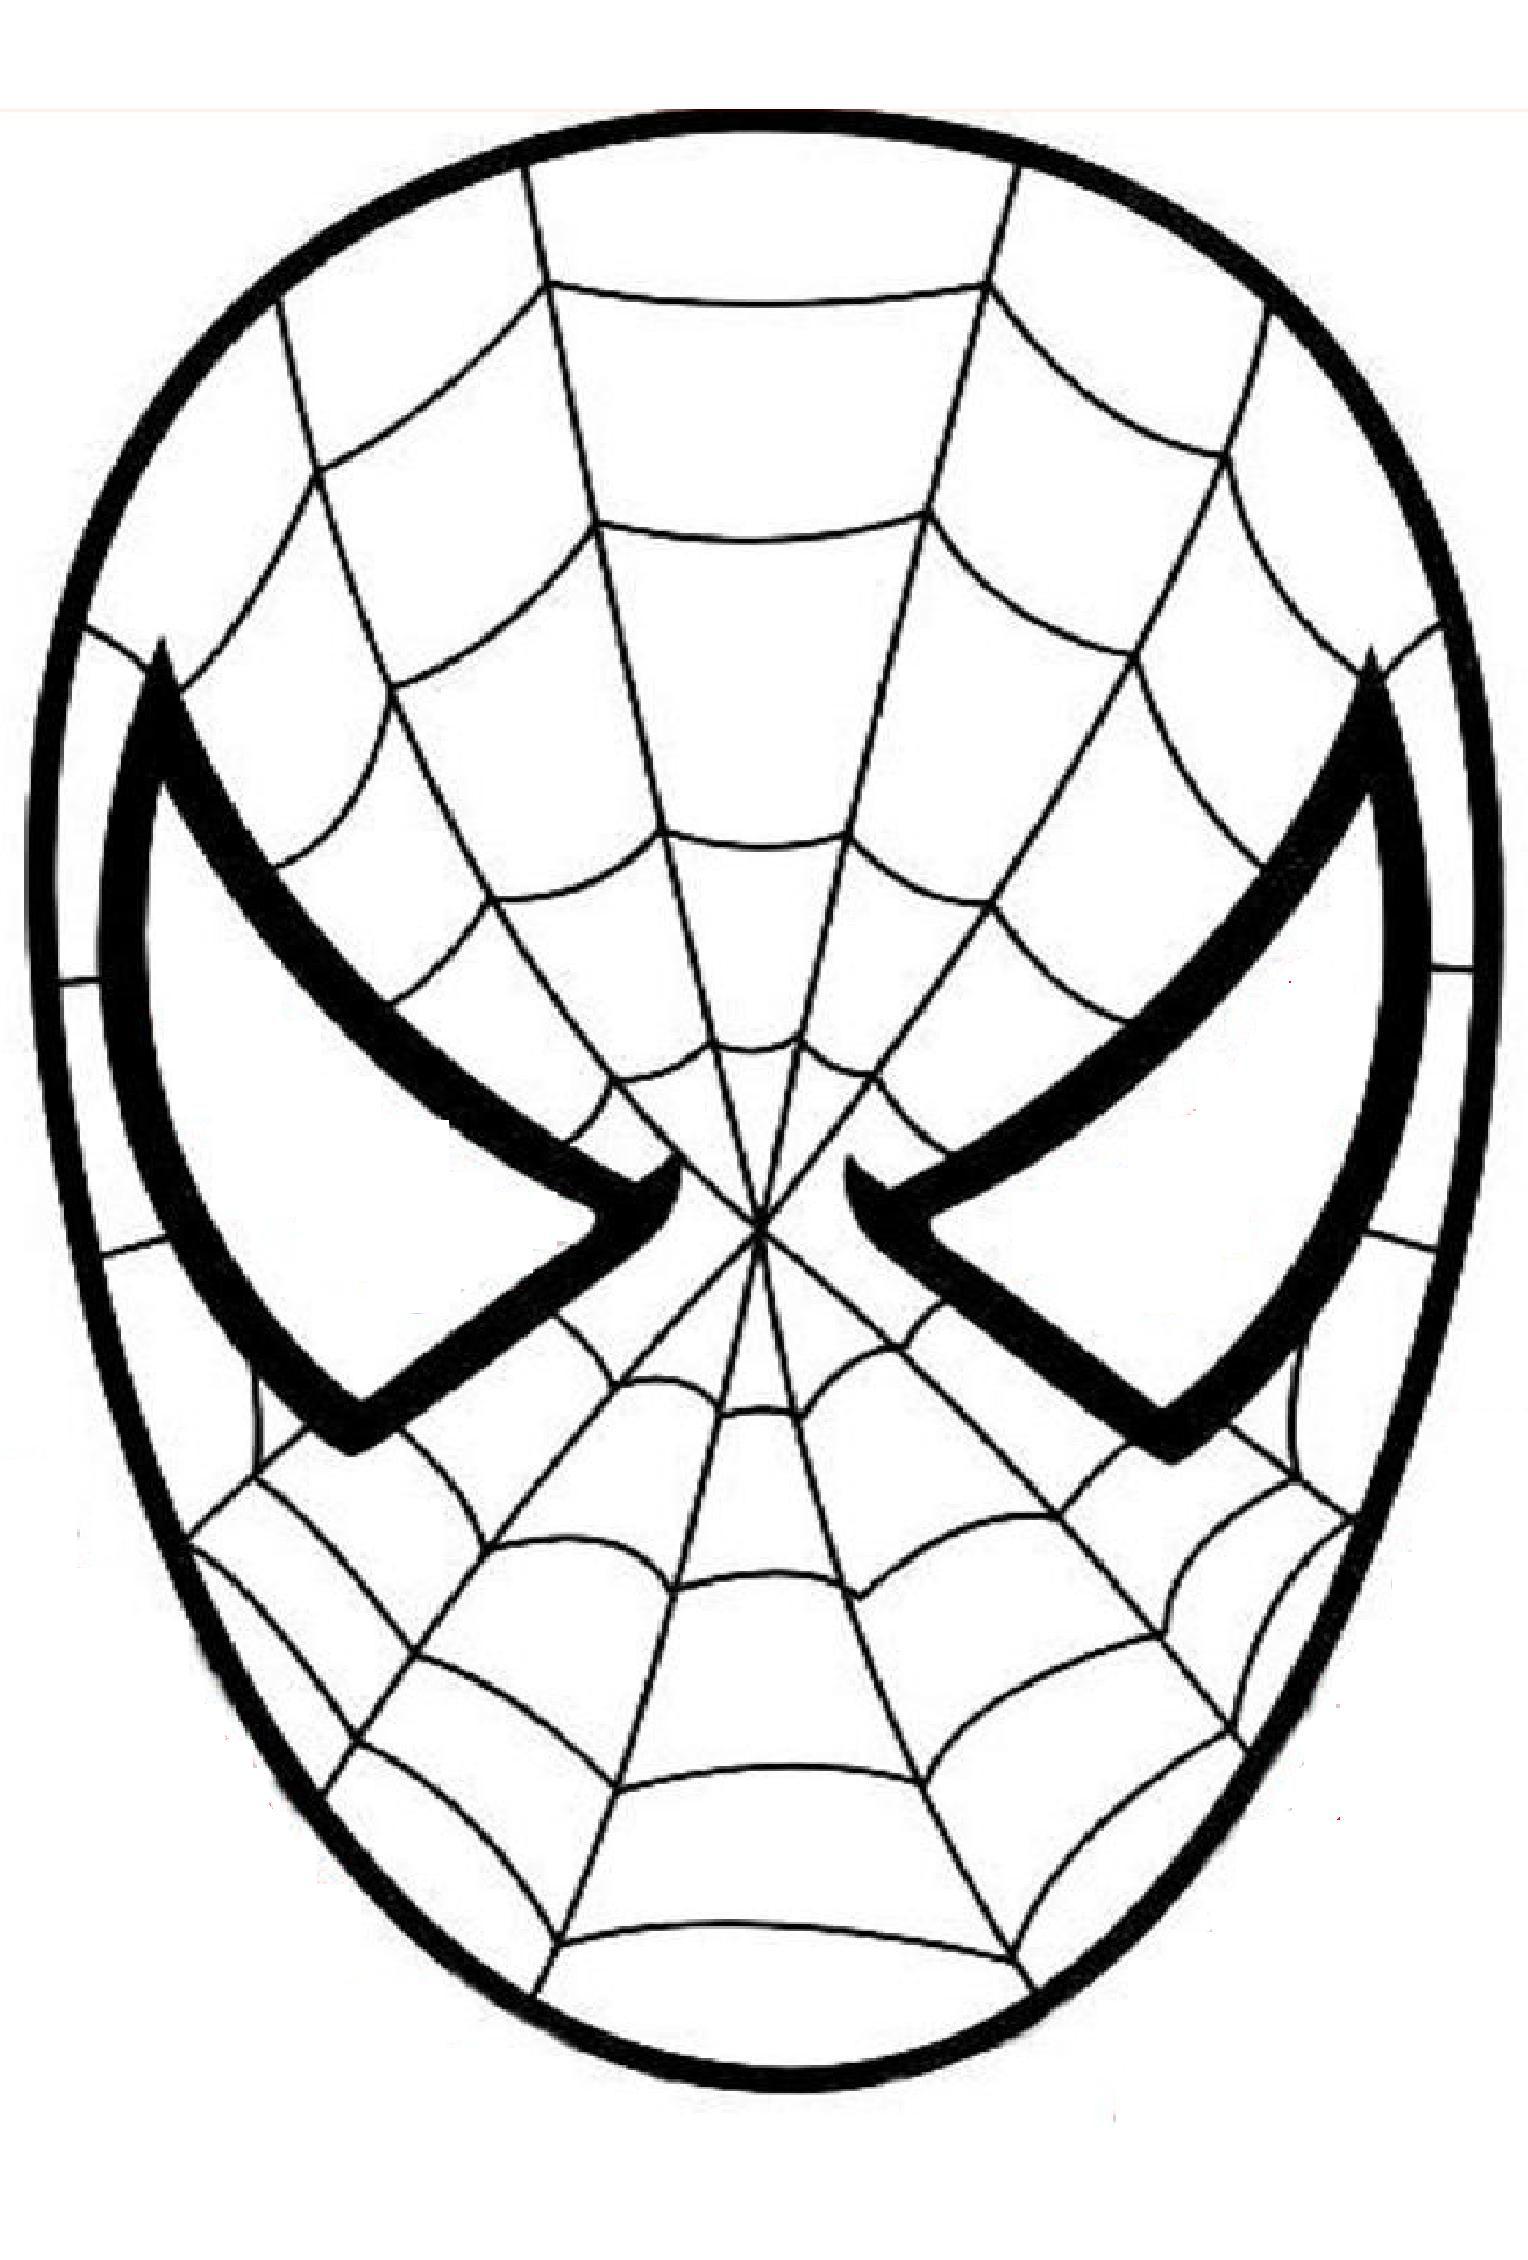 Masque Spiderman A Colorier Découpage A Imprimer | Coloriage tout Decoupage A Imprimer